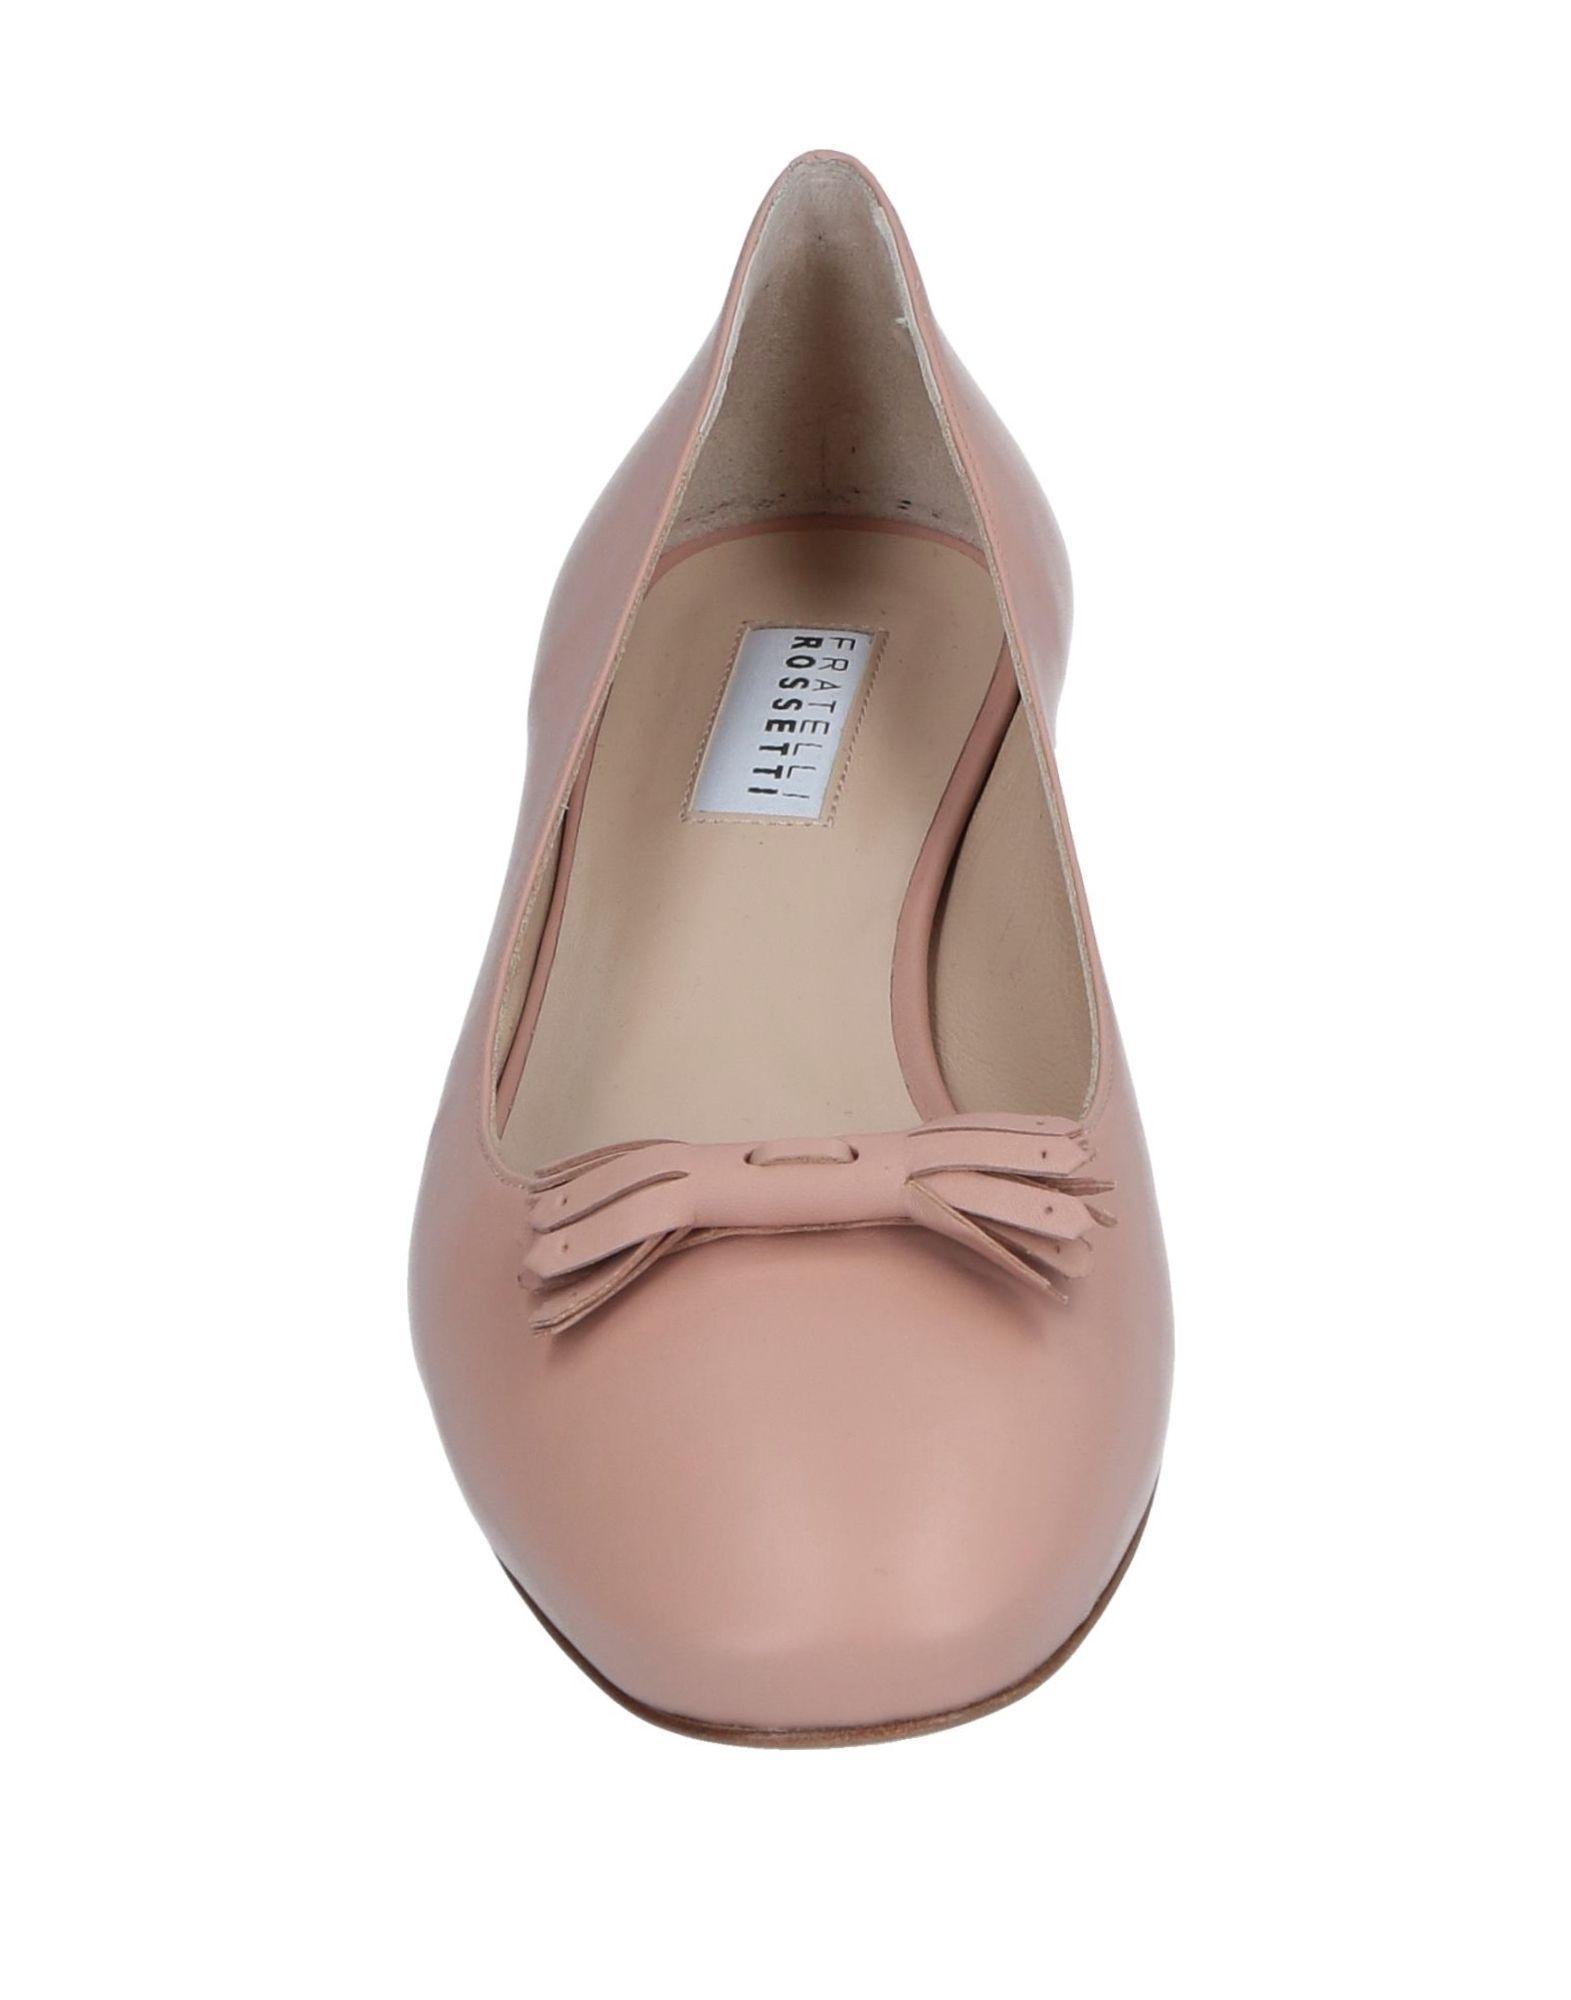 7b0559da1 Fratelli Rossetti - Pink Ballet Flats - Lyst. View fullscreen